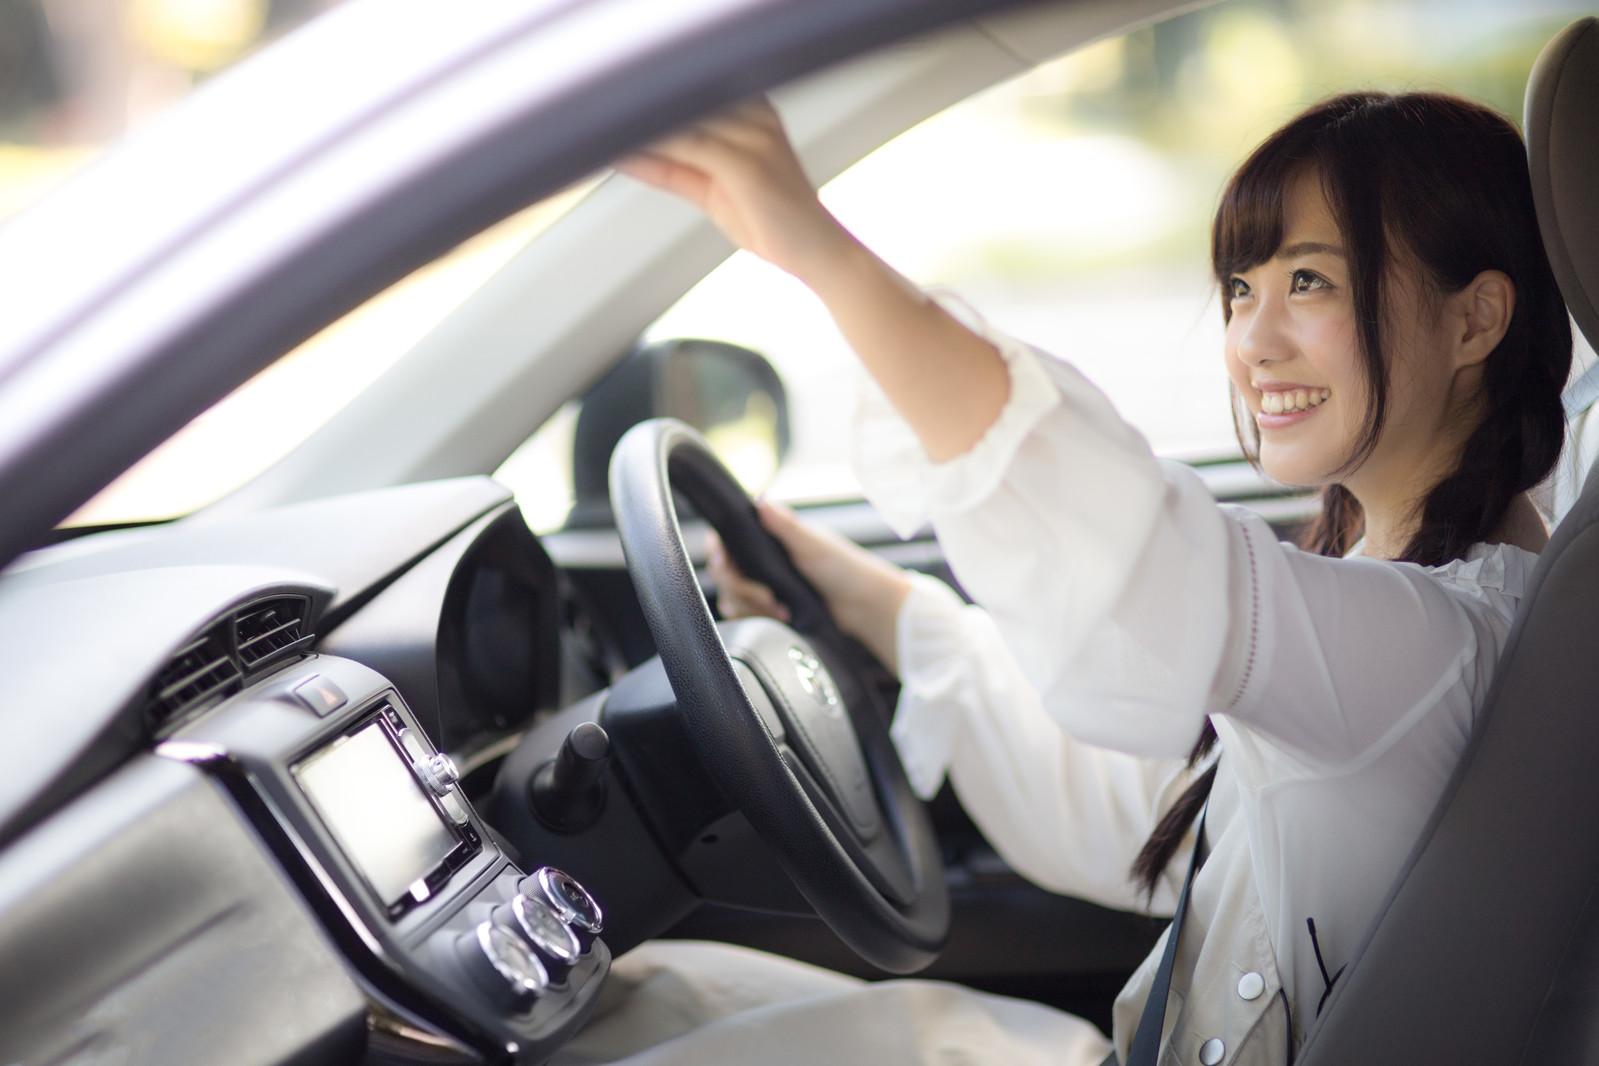 自動車のミラーを確認する女性